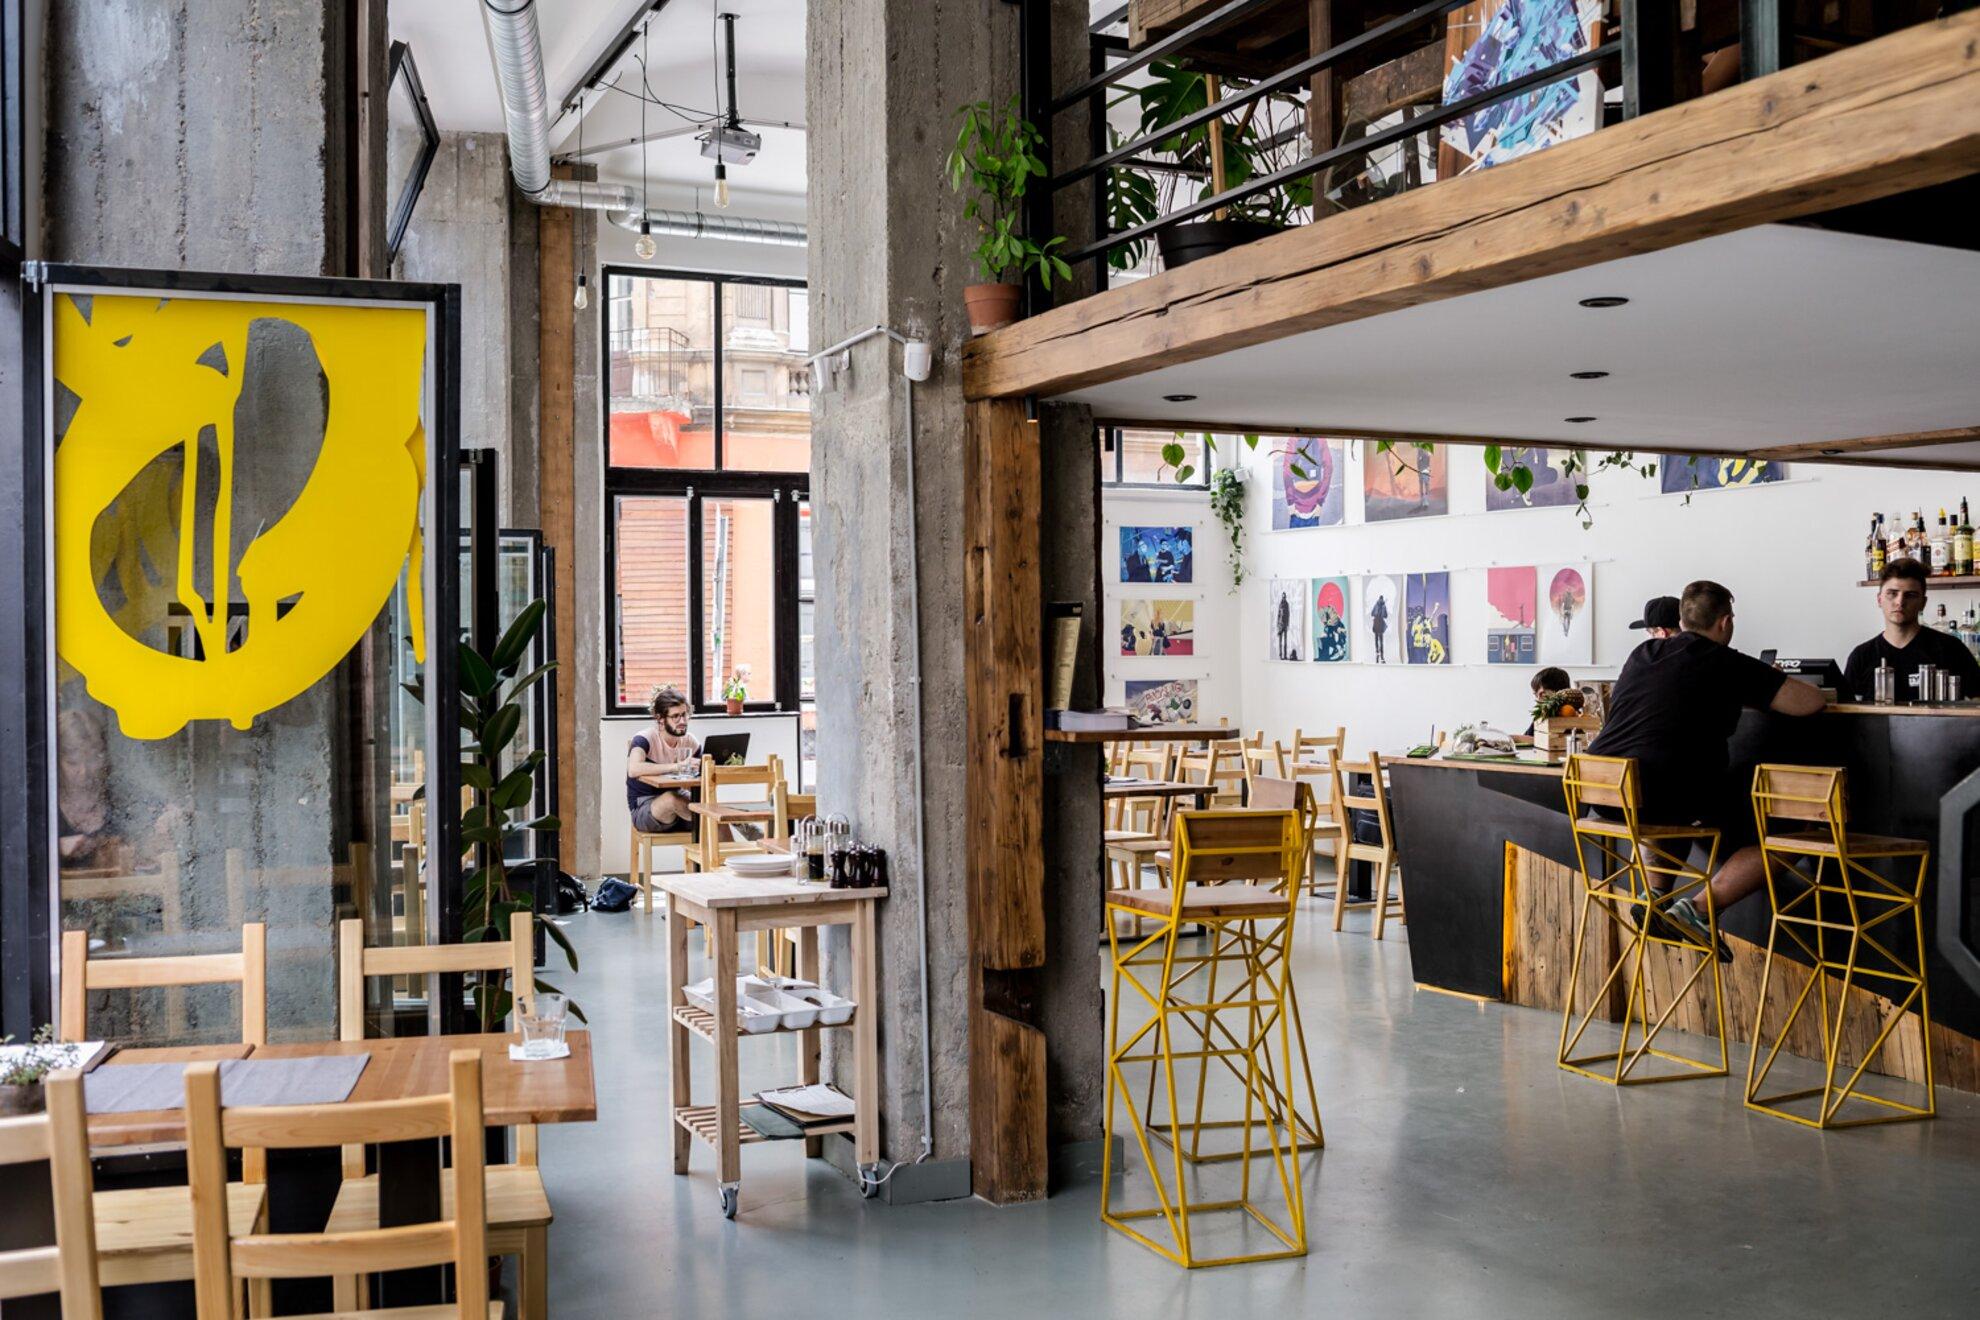 Typo Bar Birthday és Drez kiállításmegnyitó